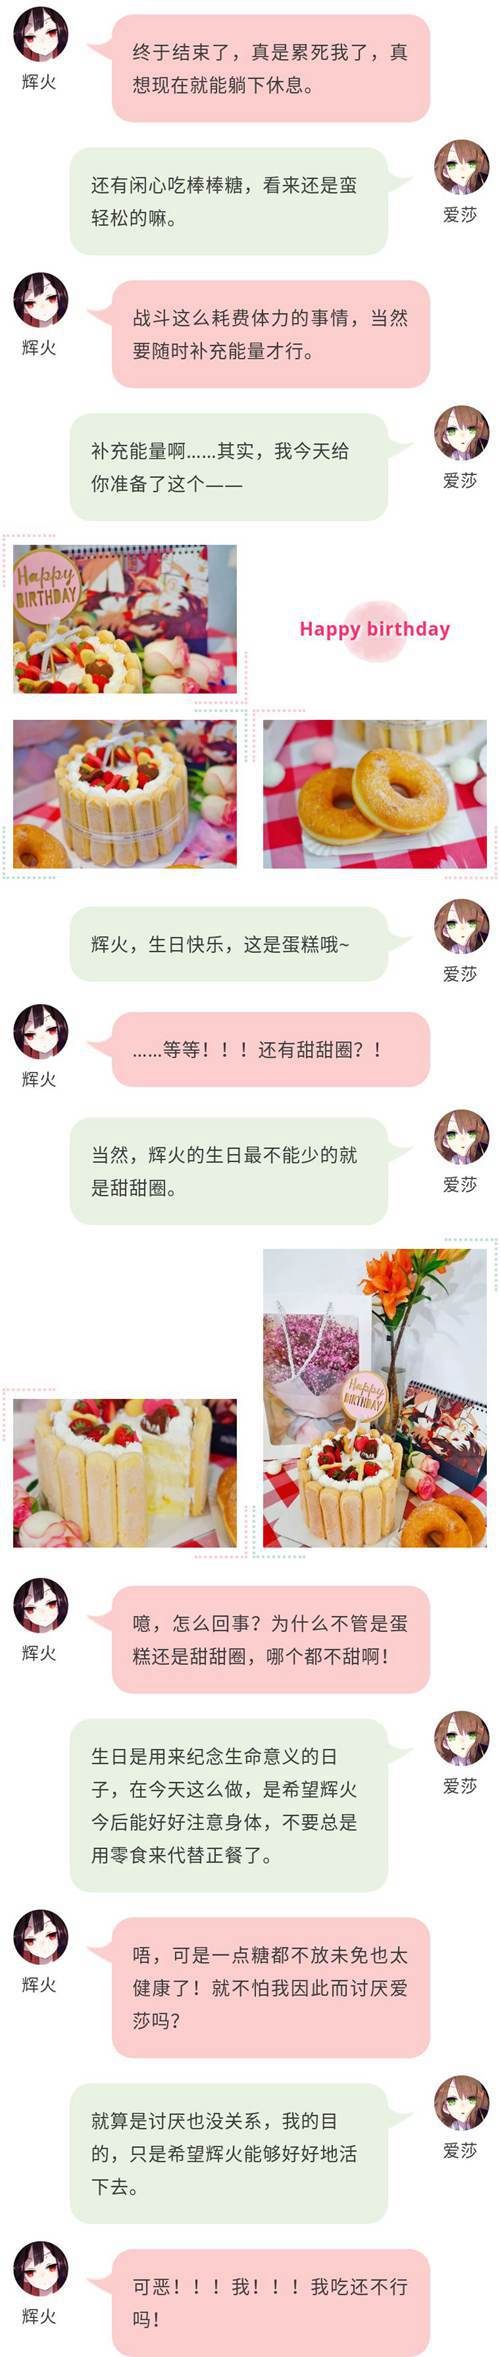 (辉火生贺)归来的骑士_WWW.XUNWANGBA.COM